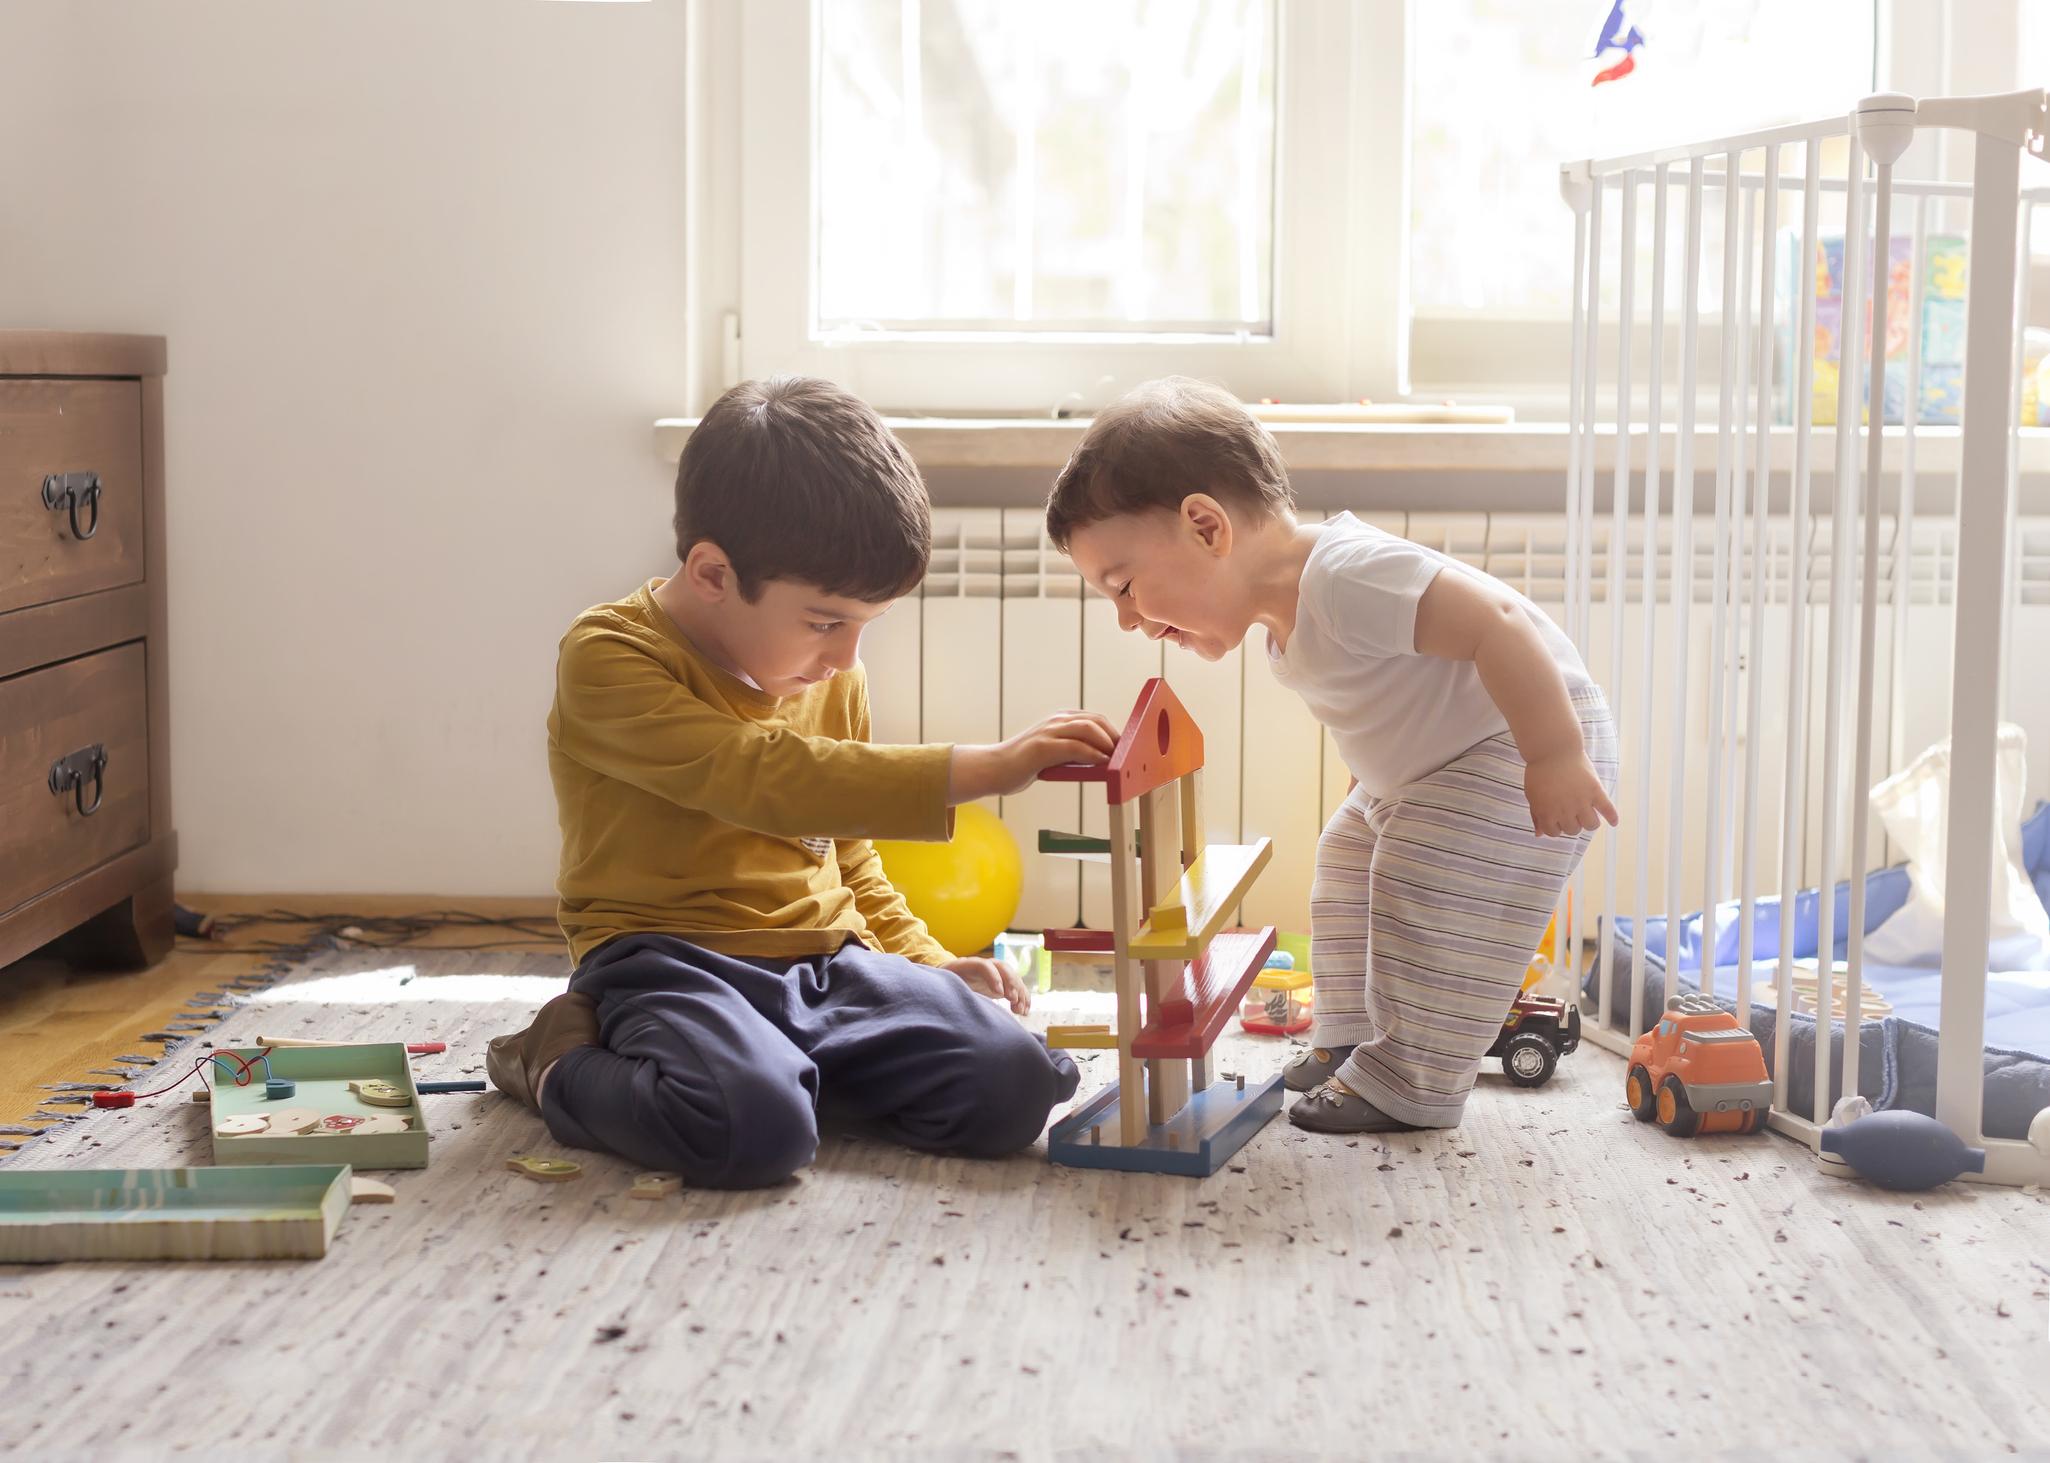 Frères et sœurs jouant avec un jouet en bois éducatif